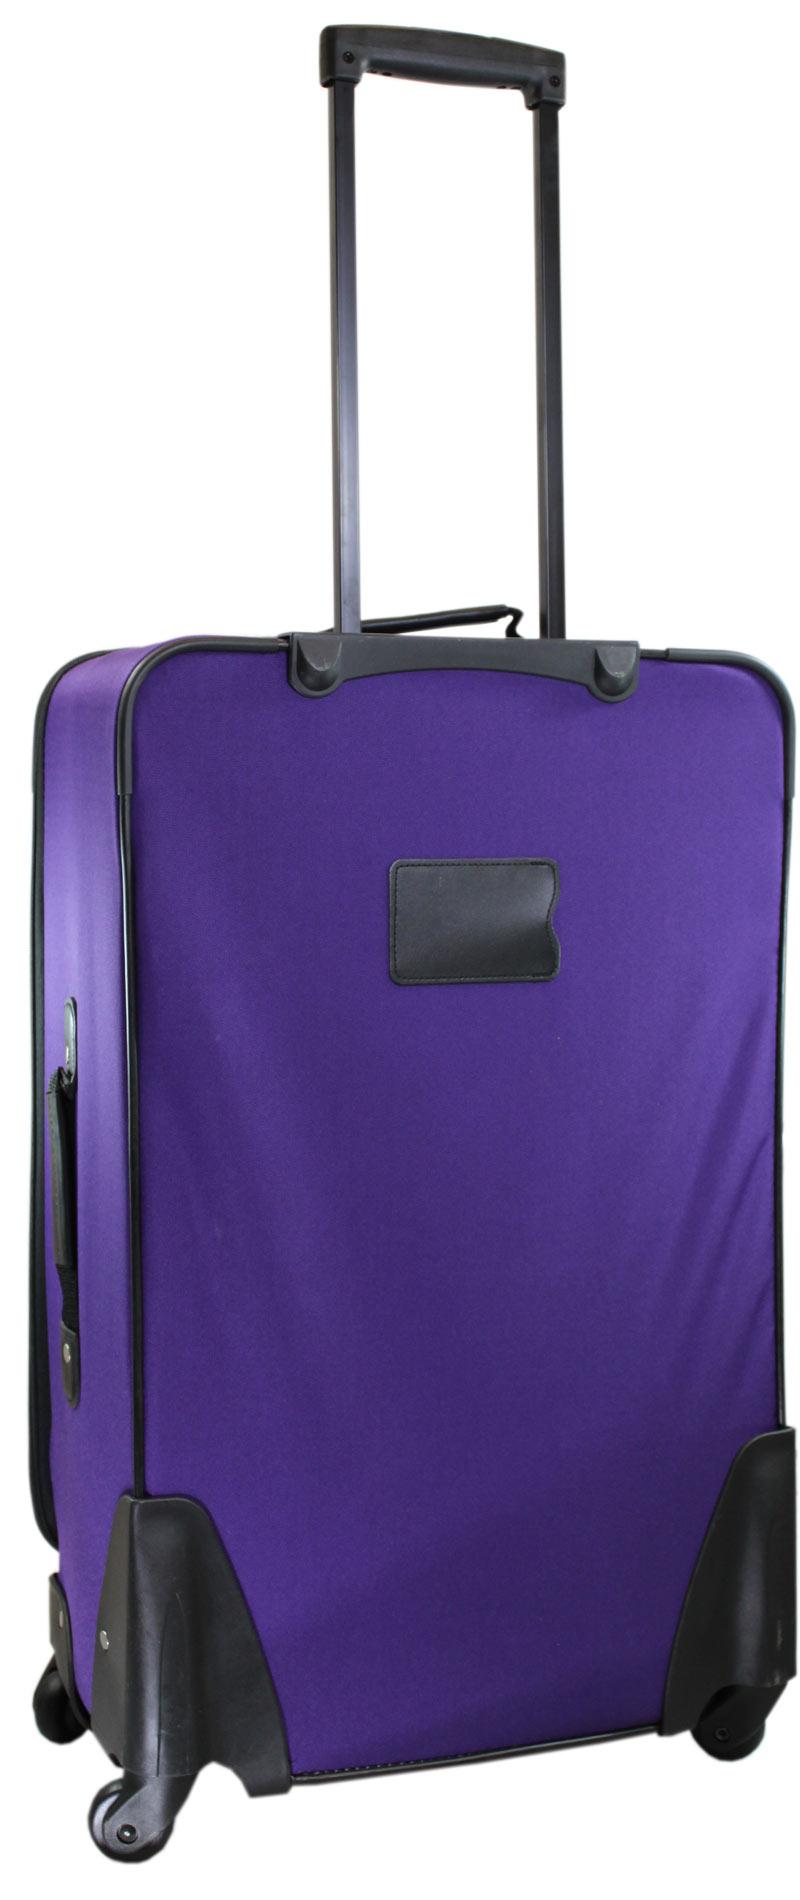 trolley handgep ck gep ck reise koffer lila 30 l 360 ebay. Black Bedroom Furniture Sets. Home Design Ideas